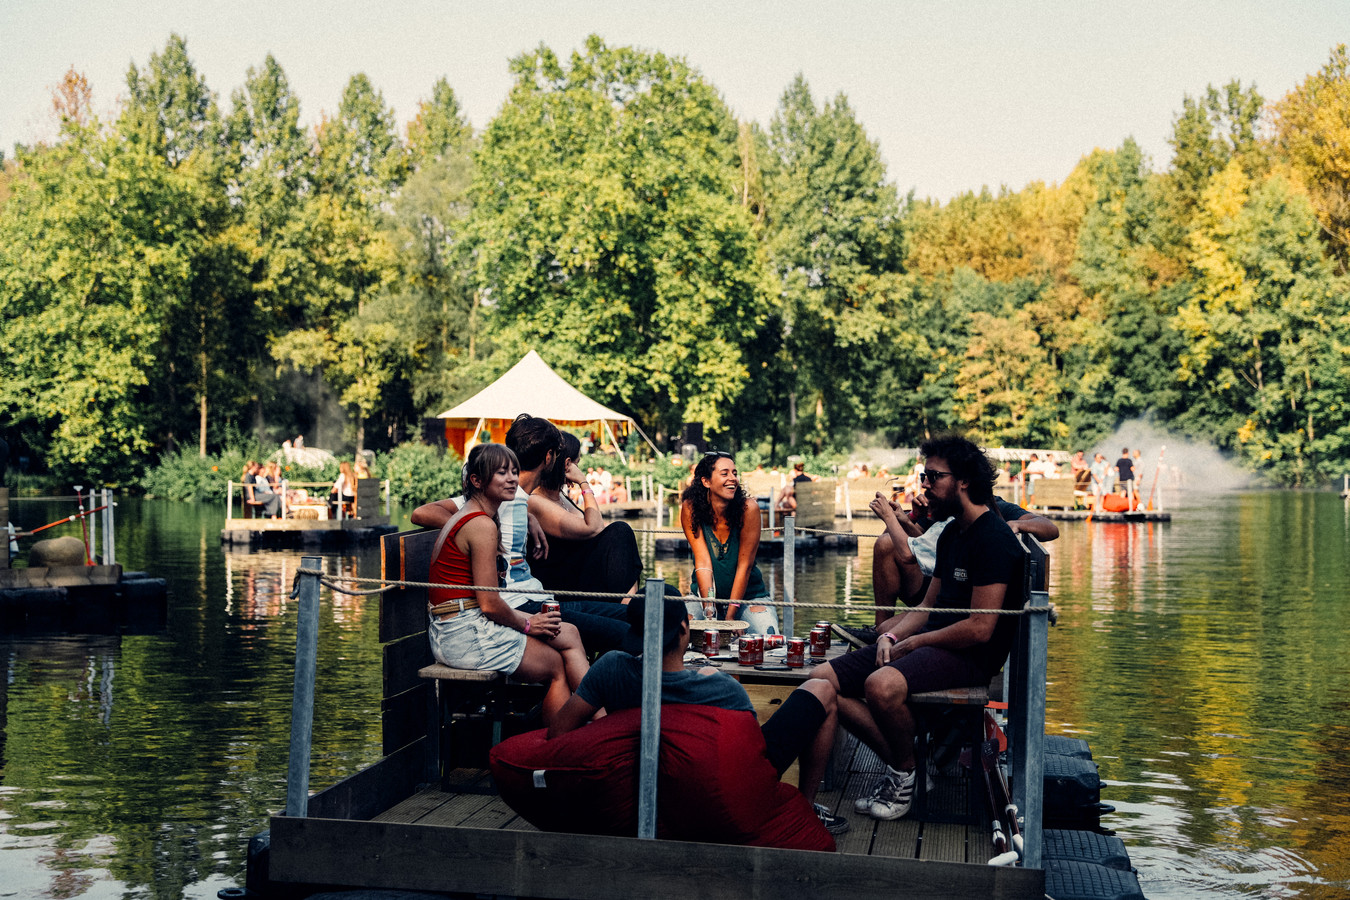 Wat niet kan op de wei, is wel mogelijk op het water: ook dit jaar verhuist het Paradise City festival naar een meer, waar de bezoekers in bubbels van 8 vanop vlotjes naar optredens kunnen kijken: Paradise Down by the Lake.